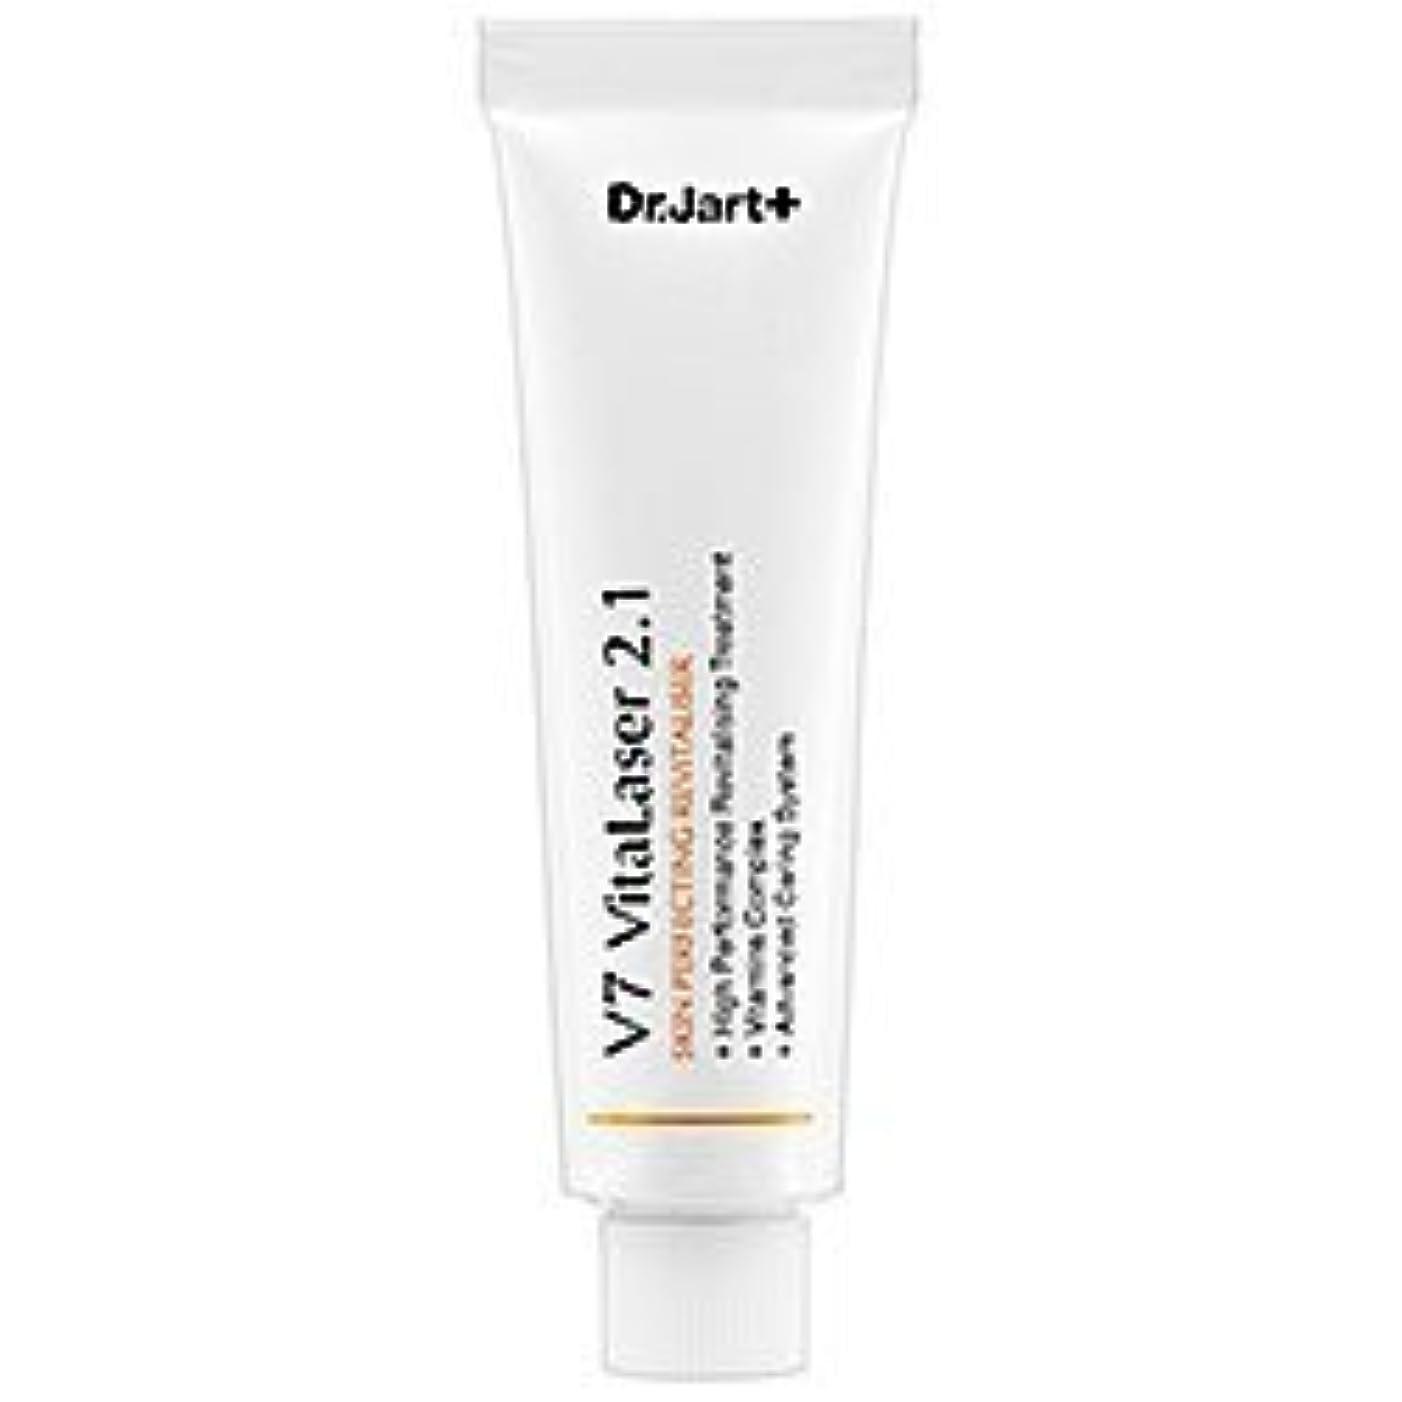 実験室トンネル作りますDr. Jart+ V7 Vitalaser 2.1 Skin Moisturizer 30 ml [並行輸入品]